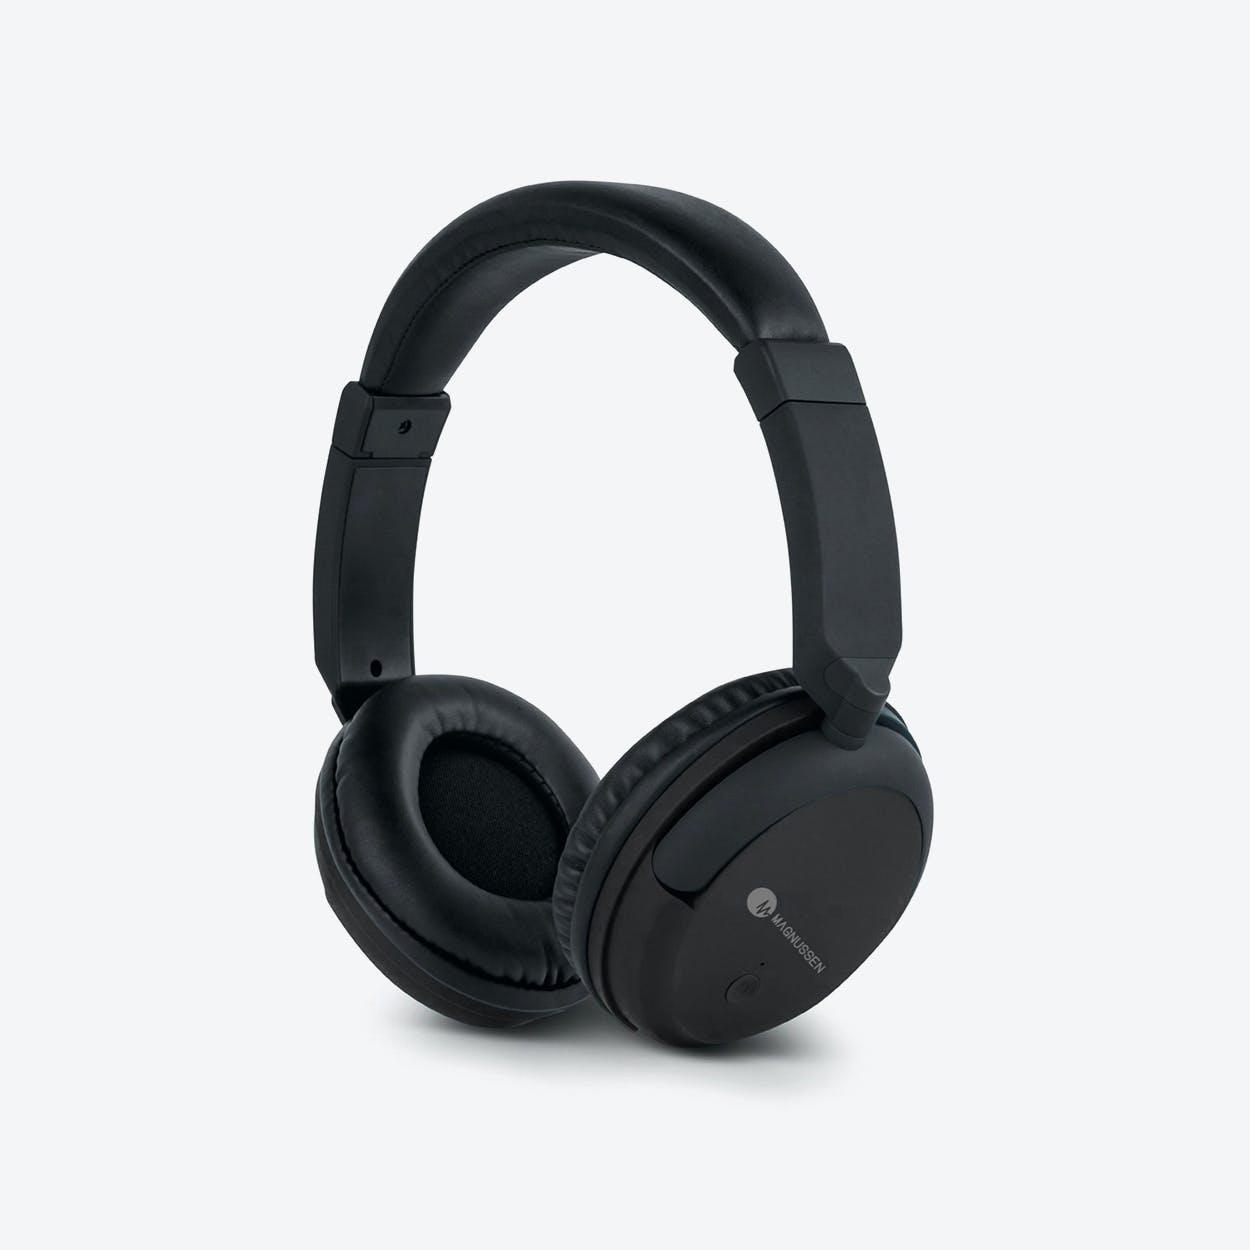 MAGNUSSEN H3 Headphones in Black